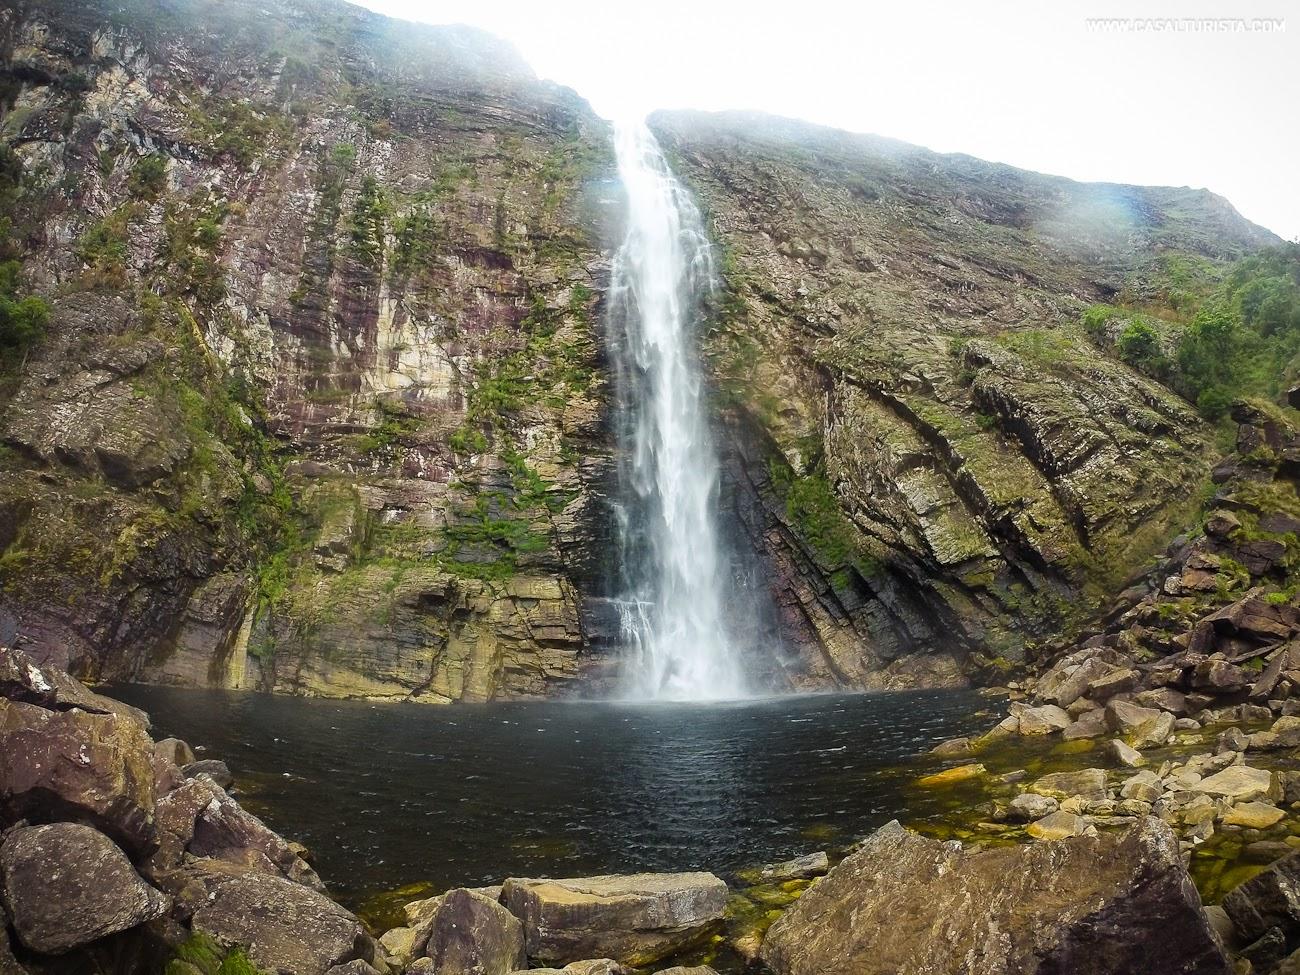 Resultado de imagem para cachoeira casca danta